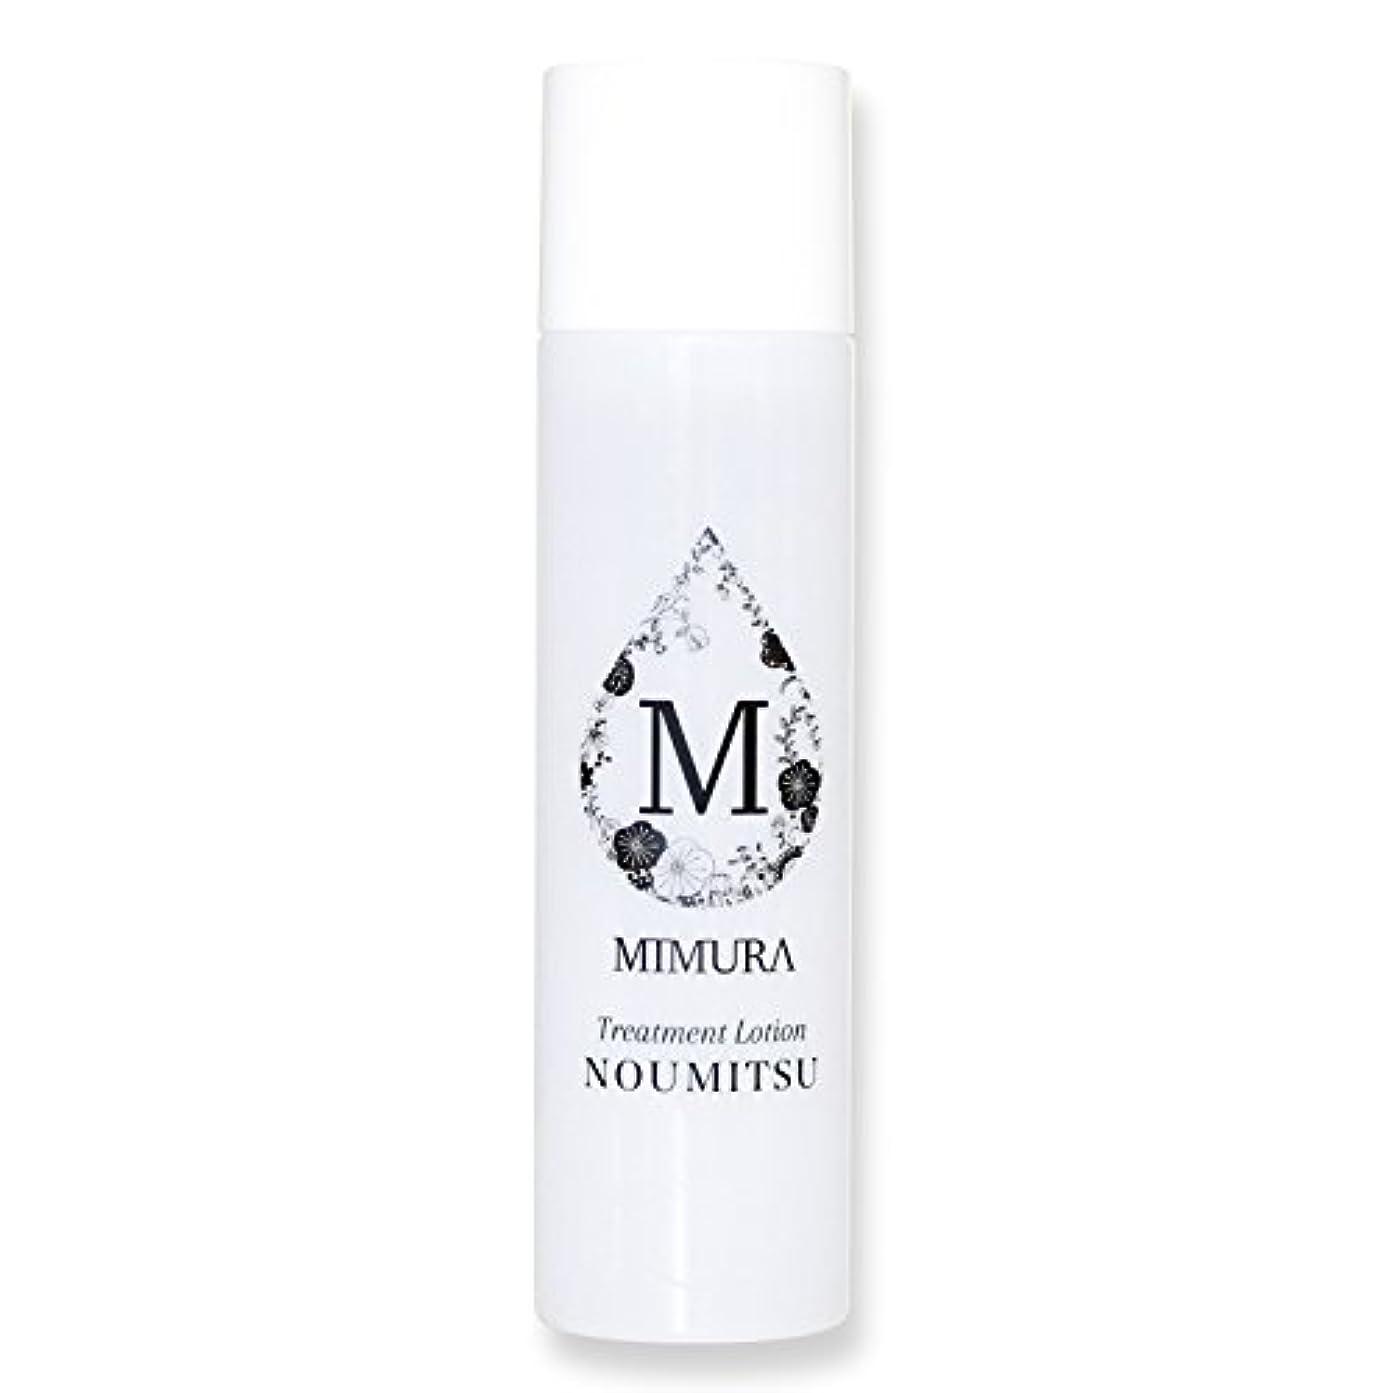 上向き食欲生むミムラ トリートメントローション NOUMITSU(化粧水)125mL アスタキサンチン ヒアルロン酸 コラーゲン 日本製